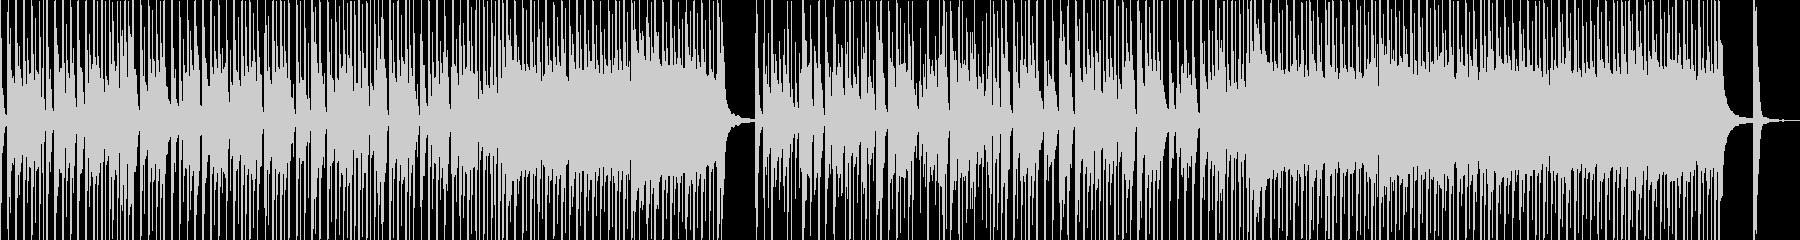 グルーヴ感溢れるファンク調セッションの未再生の波形